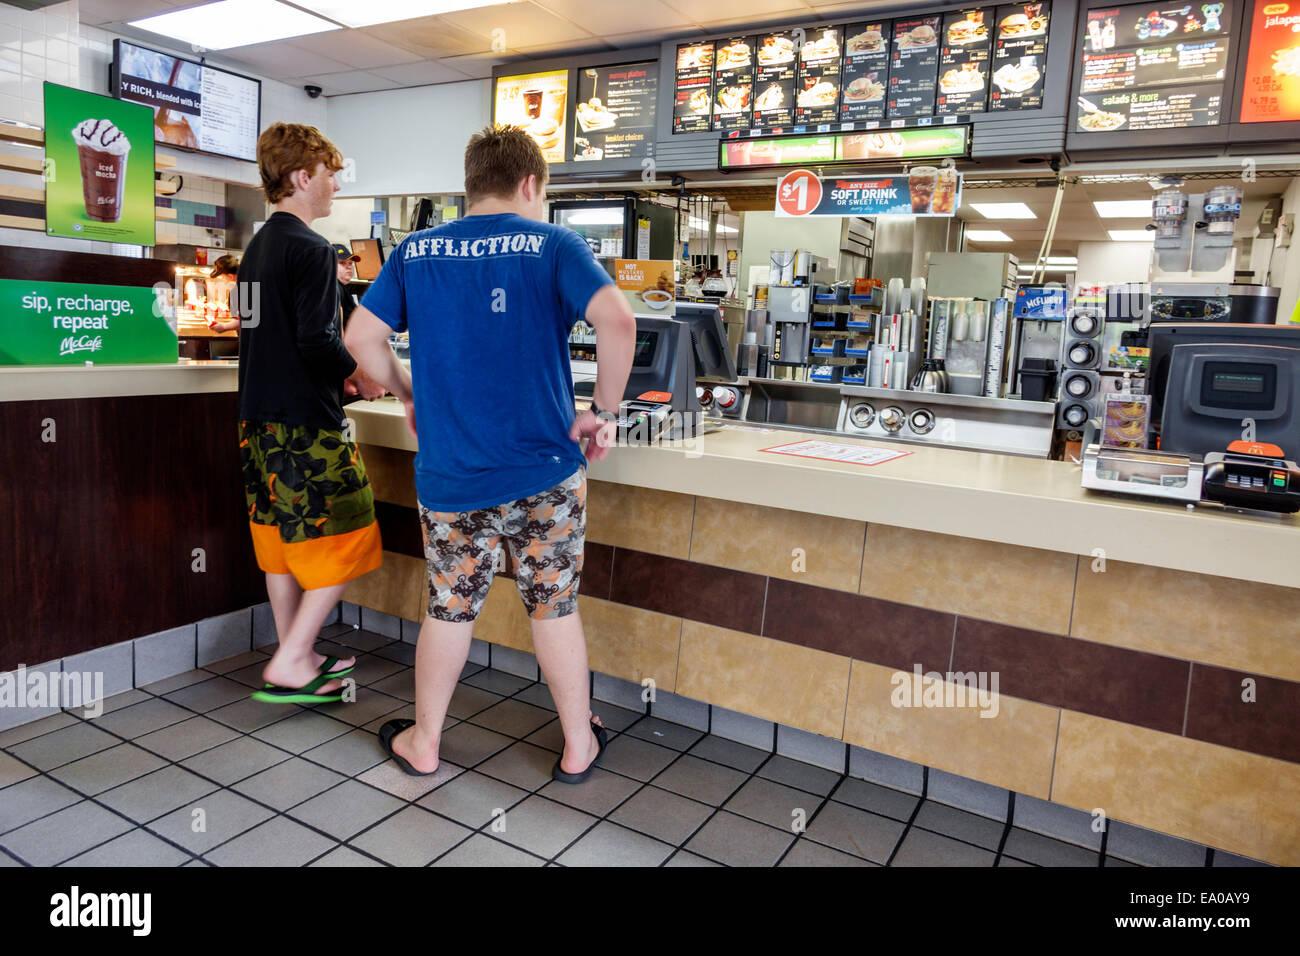 Floride Okeechobee McDonald's restaurant fast food à l'intérieur de contre-teen boy amis clients Banque D'Images